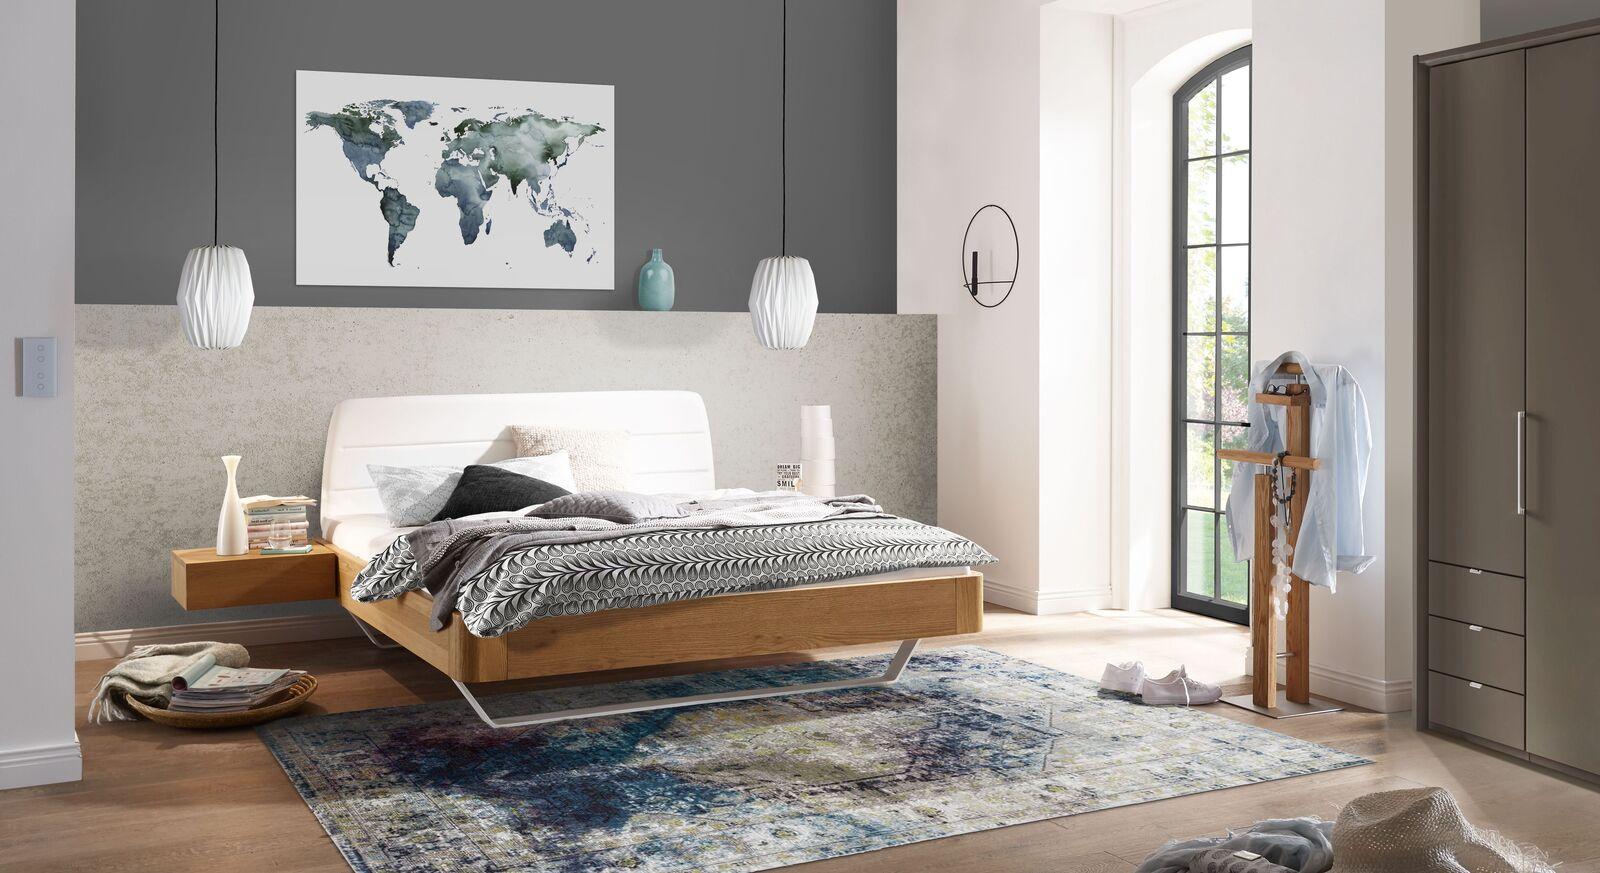 Bett Mancasso mit passender Schlafzimmer-Ausstattung